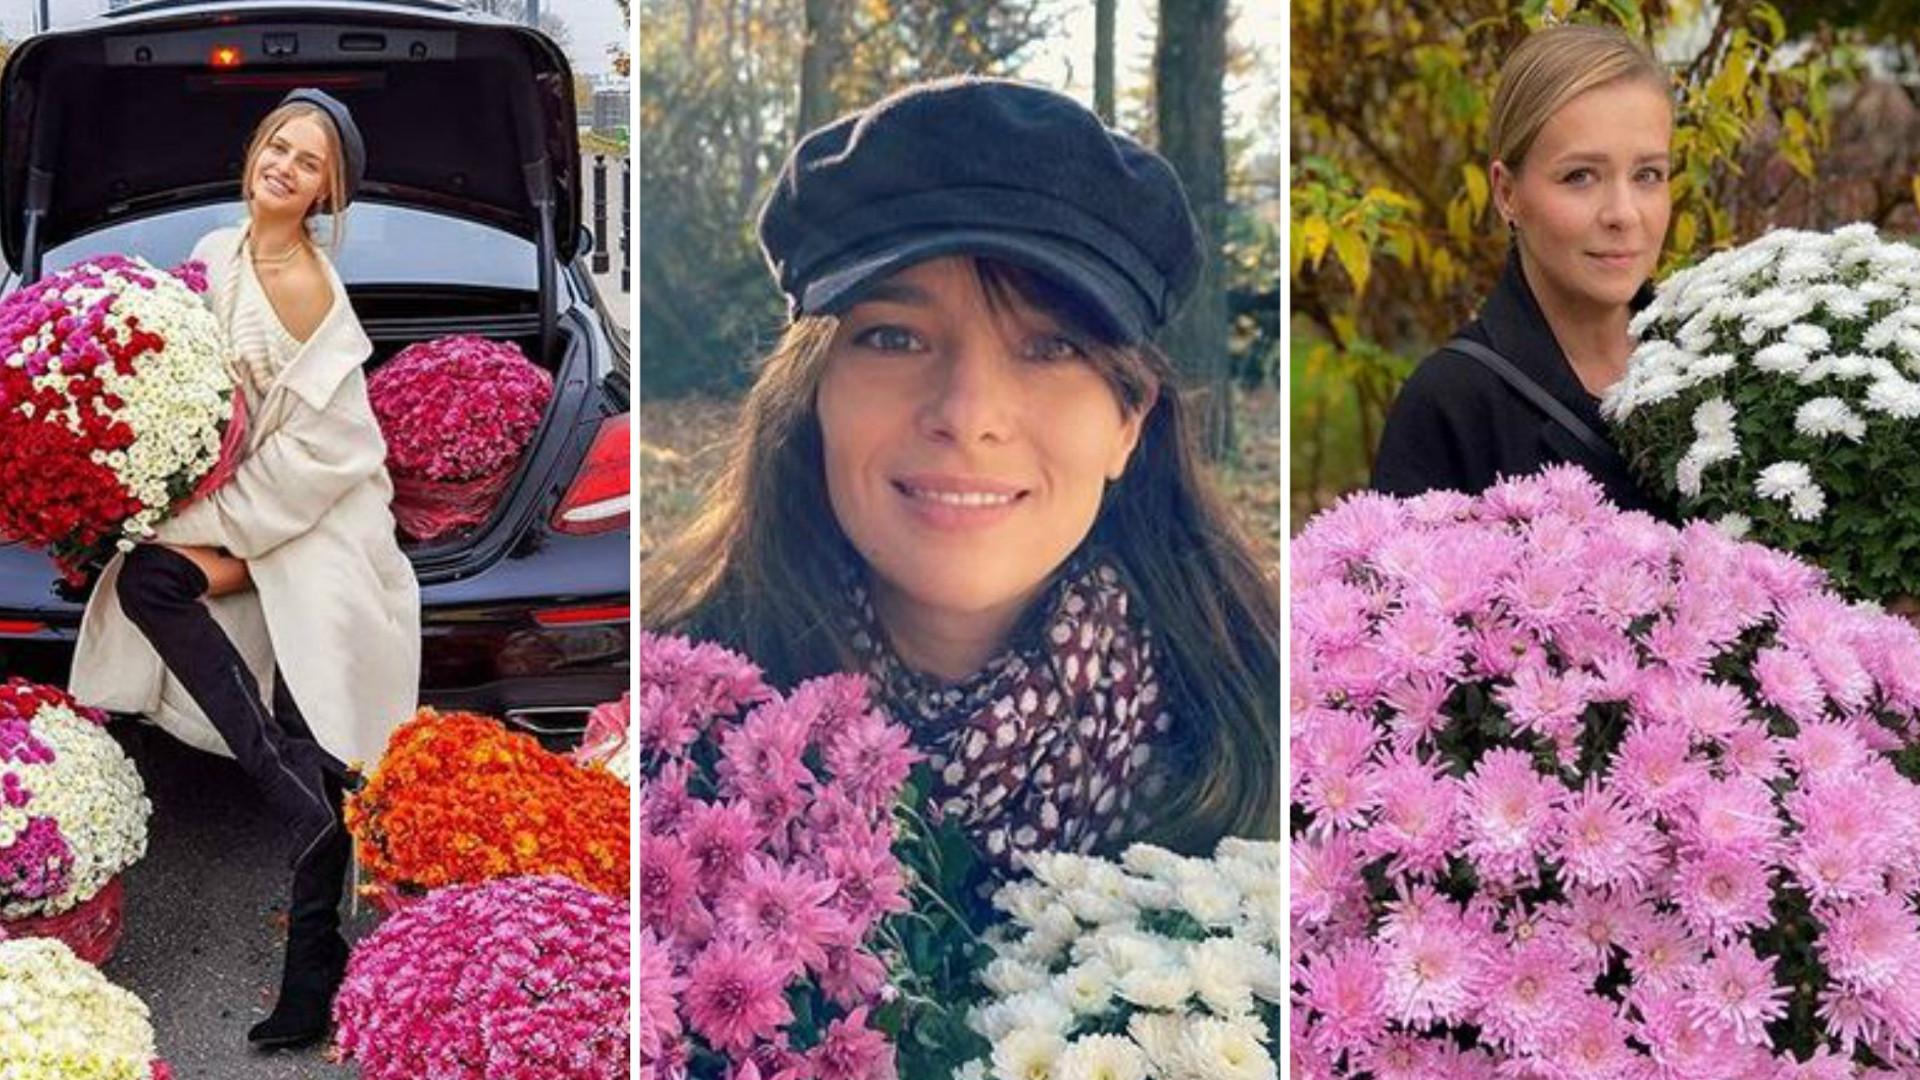 Gwiazdy MASOWO wykupują kwiaty po tym, jak cmentarze zostały zamknięte (ZDJĘCIA)